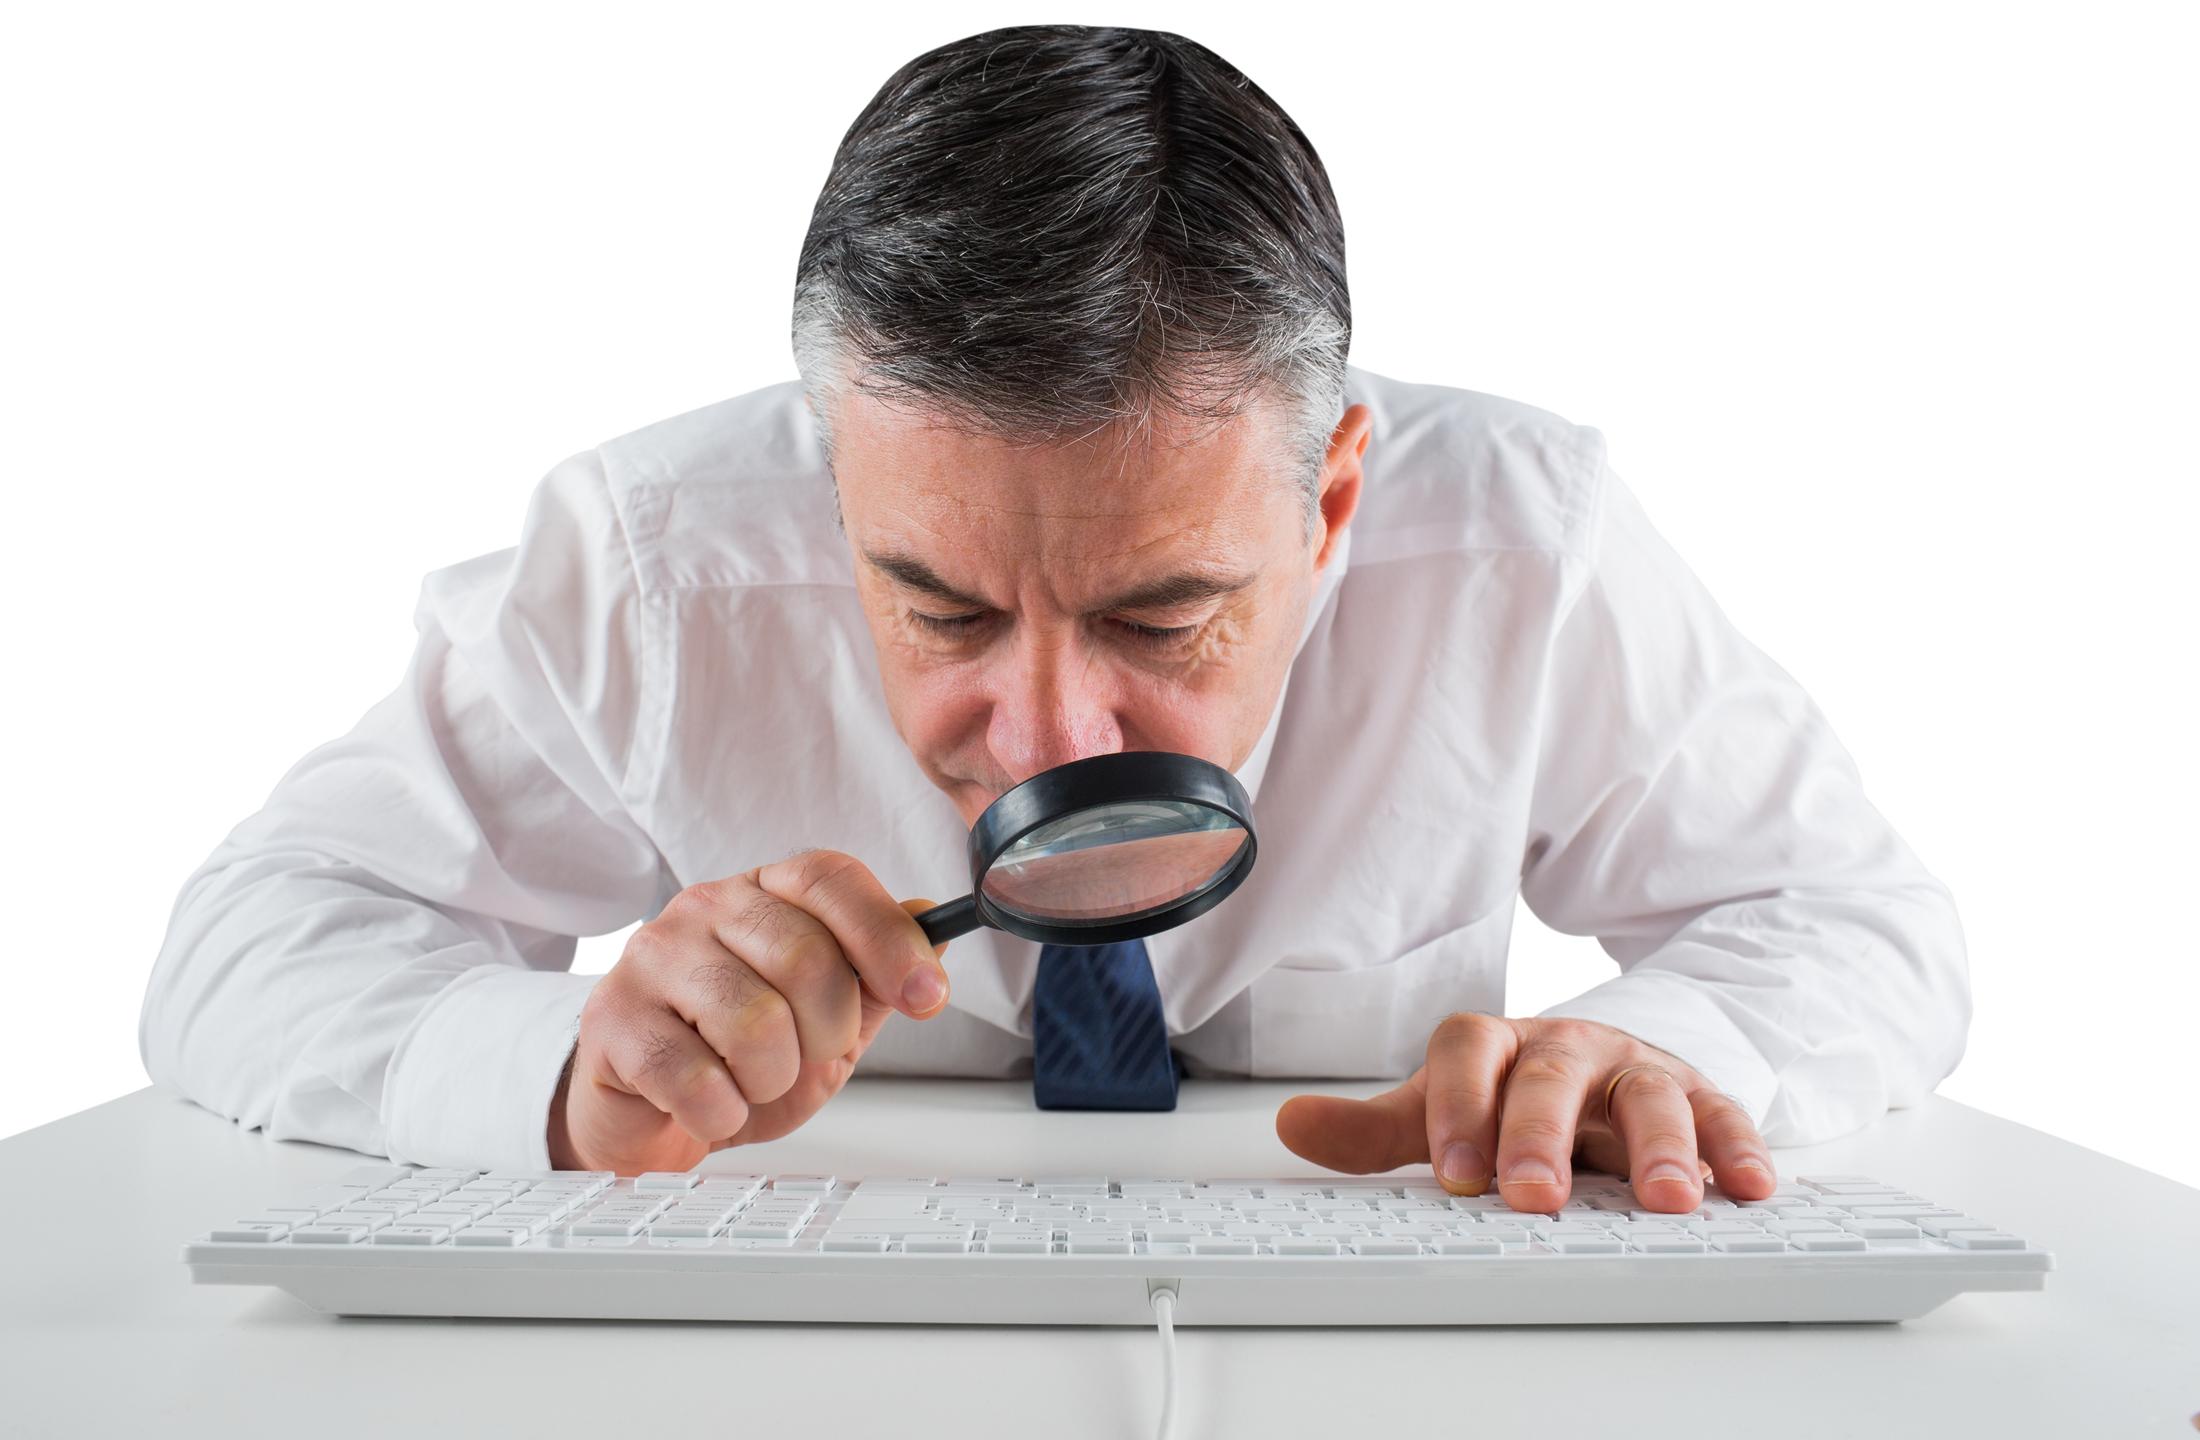 un hombre revisando con lupa el teclado